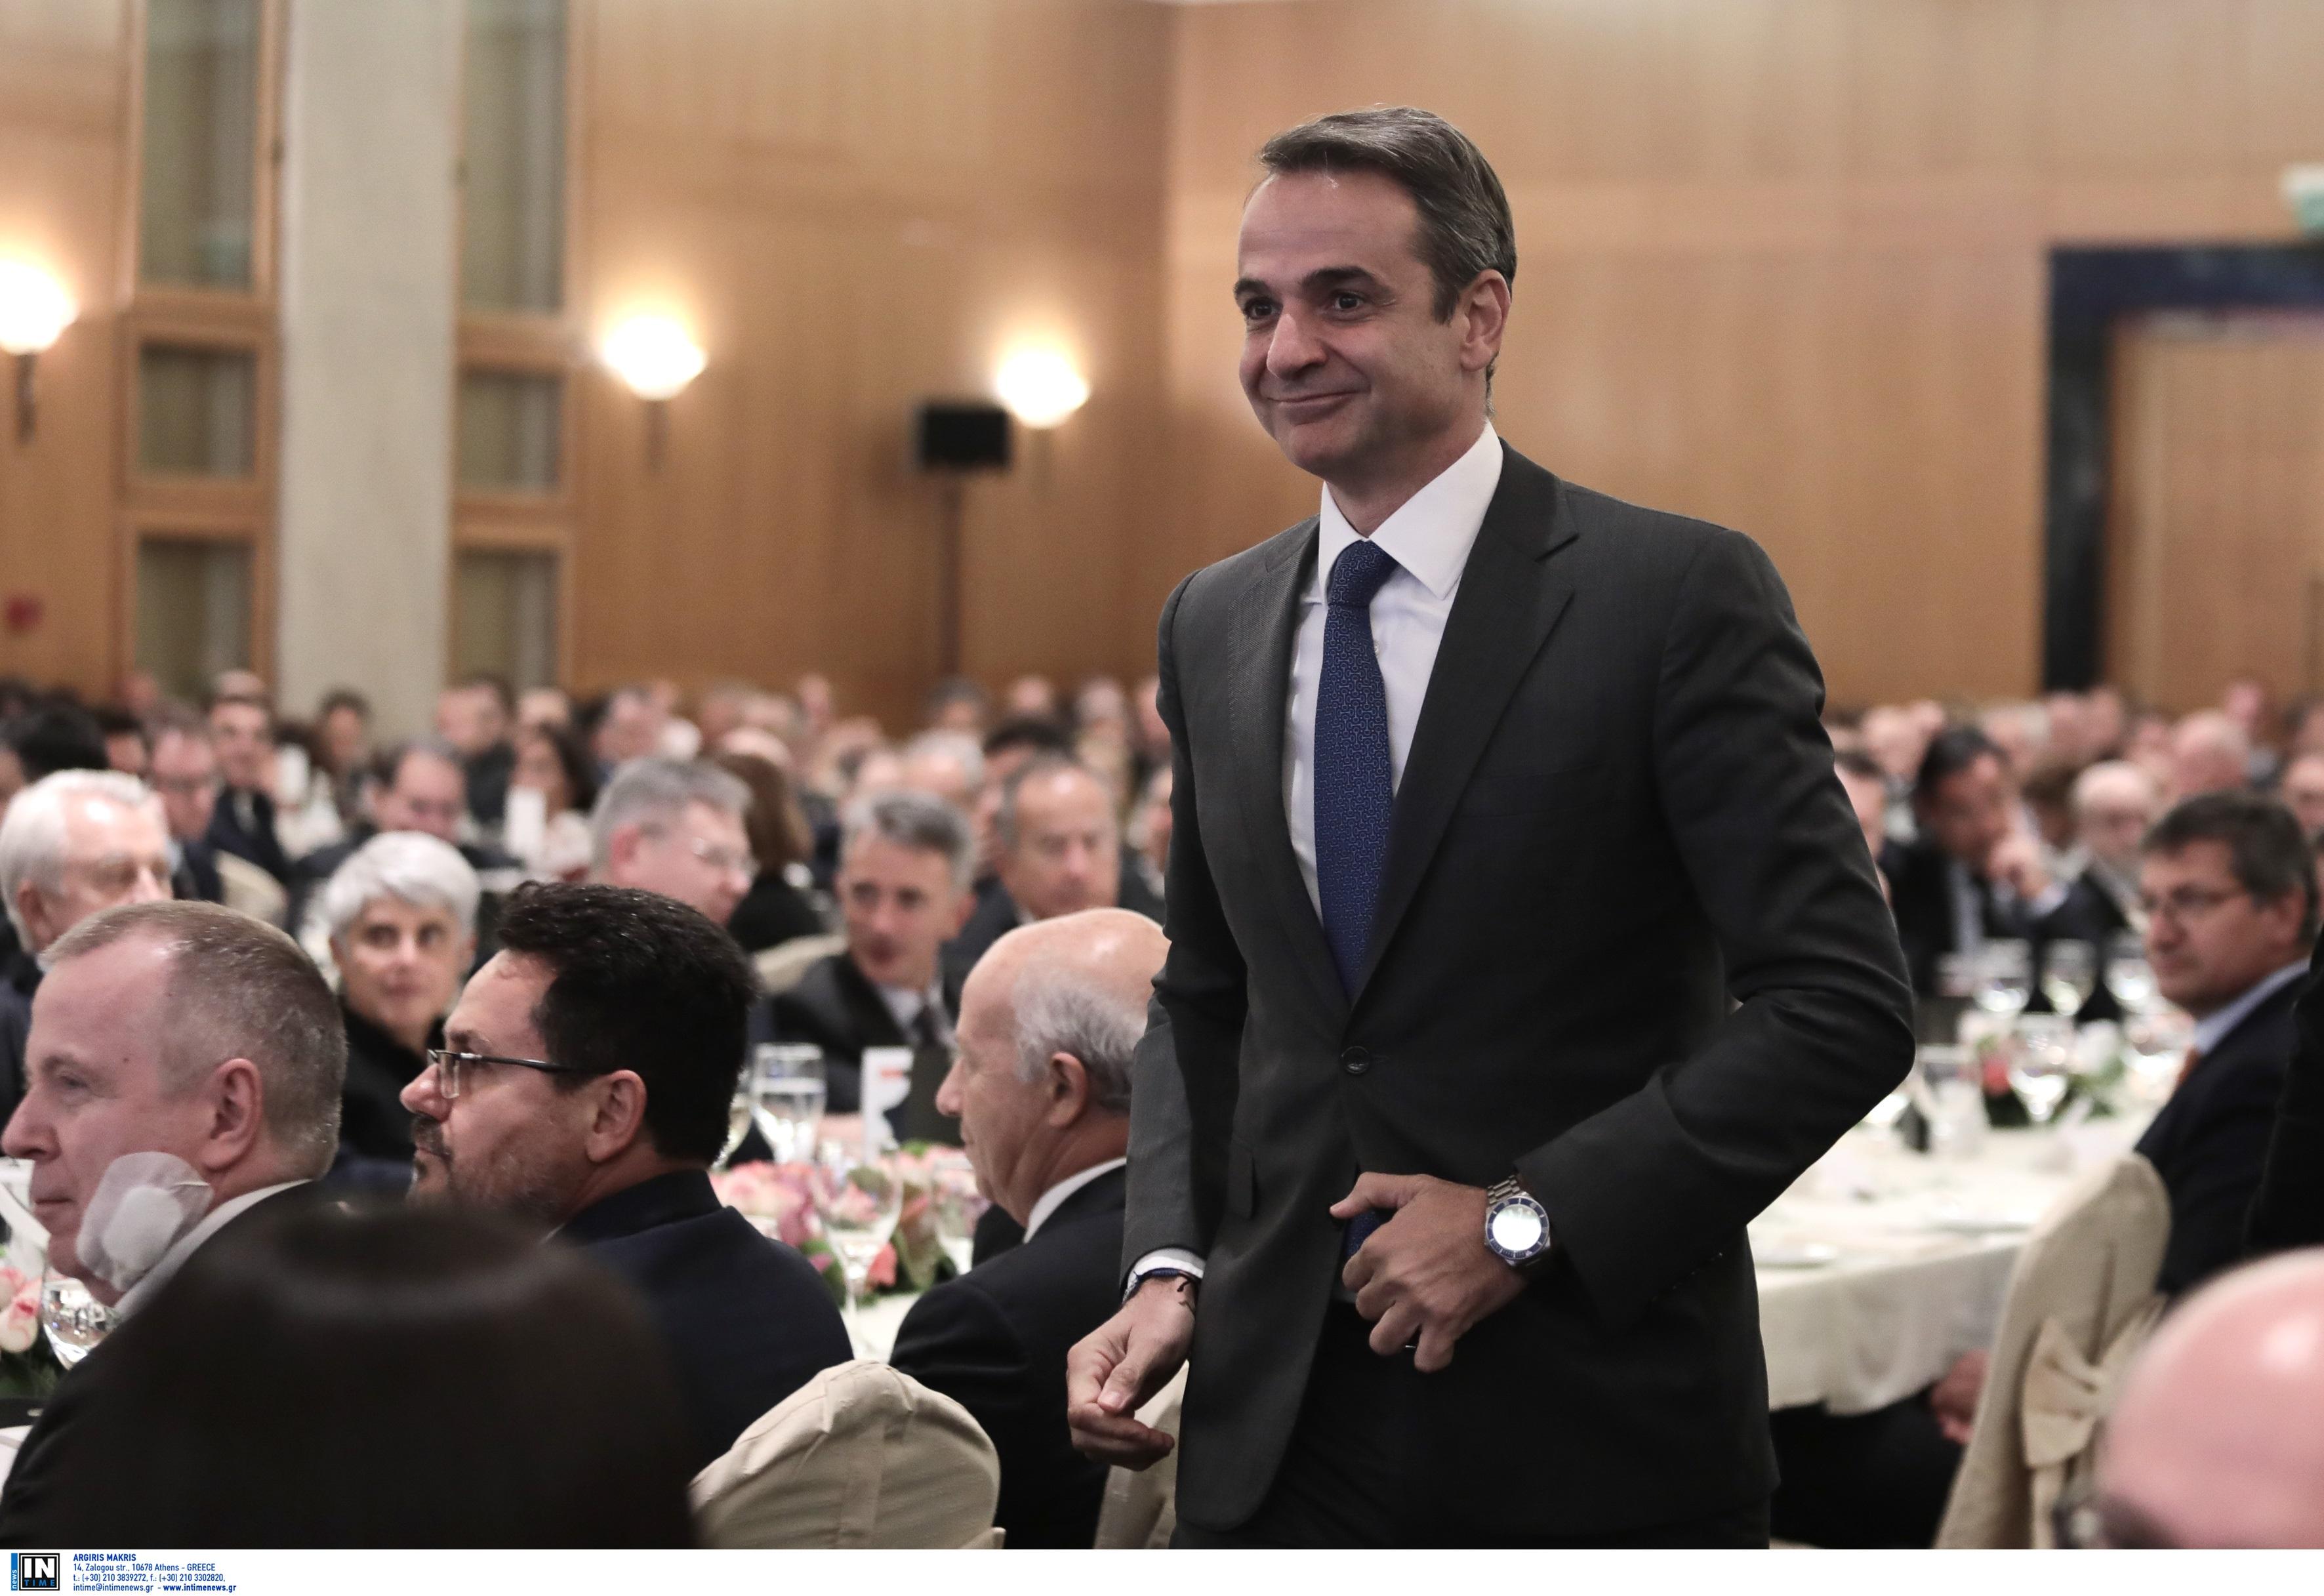 Μητσοτάκης – Economist: Αναστέλλεται για 3 χρόνια ο ΦΠΑ στις νέες οικοδομικές άδειες αλλά και για τις παλιές από 1.1.2006!